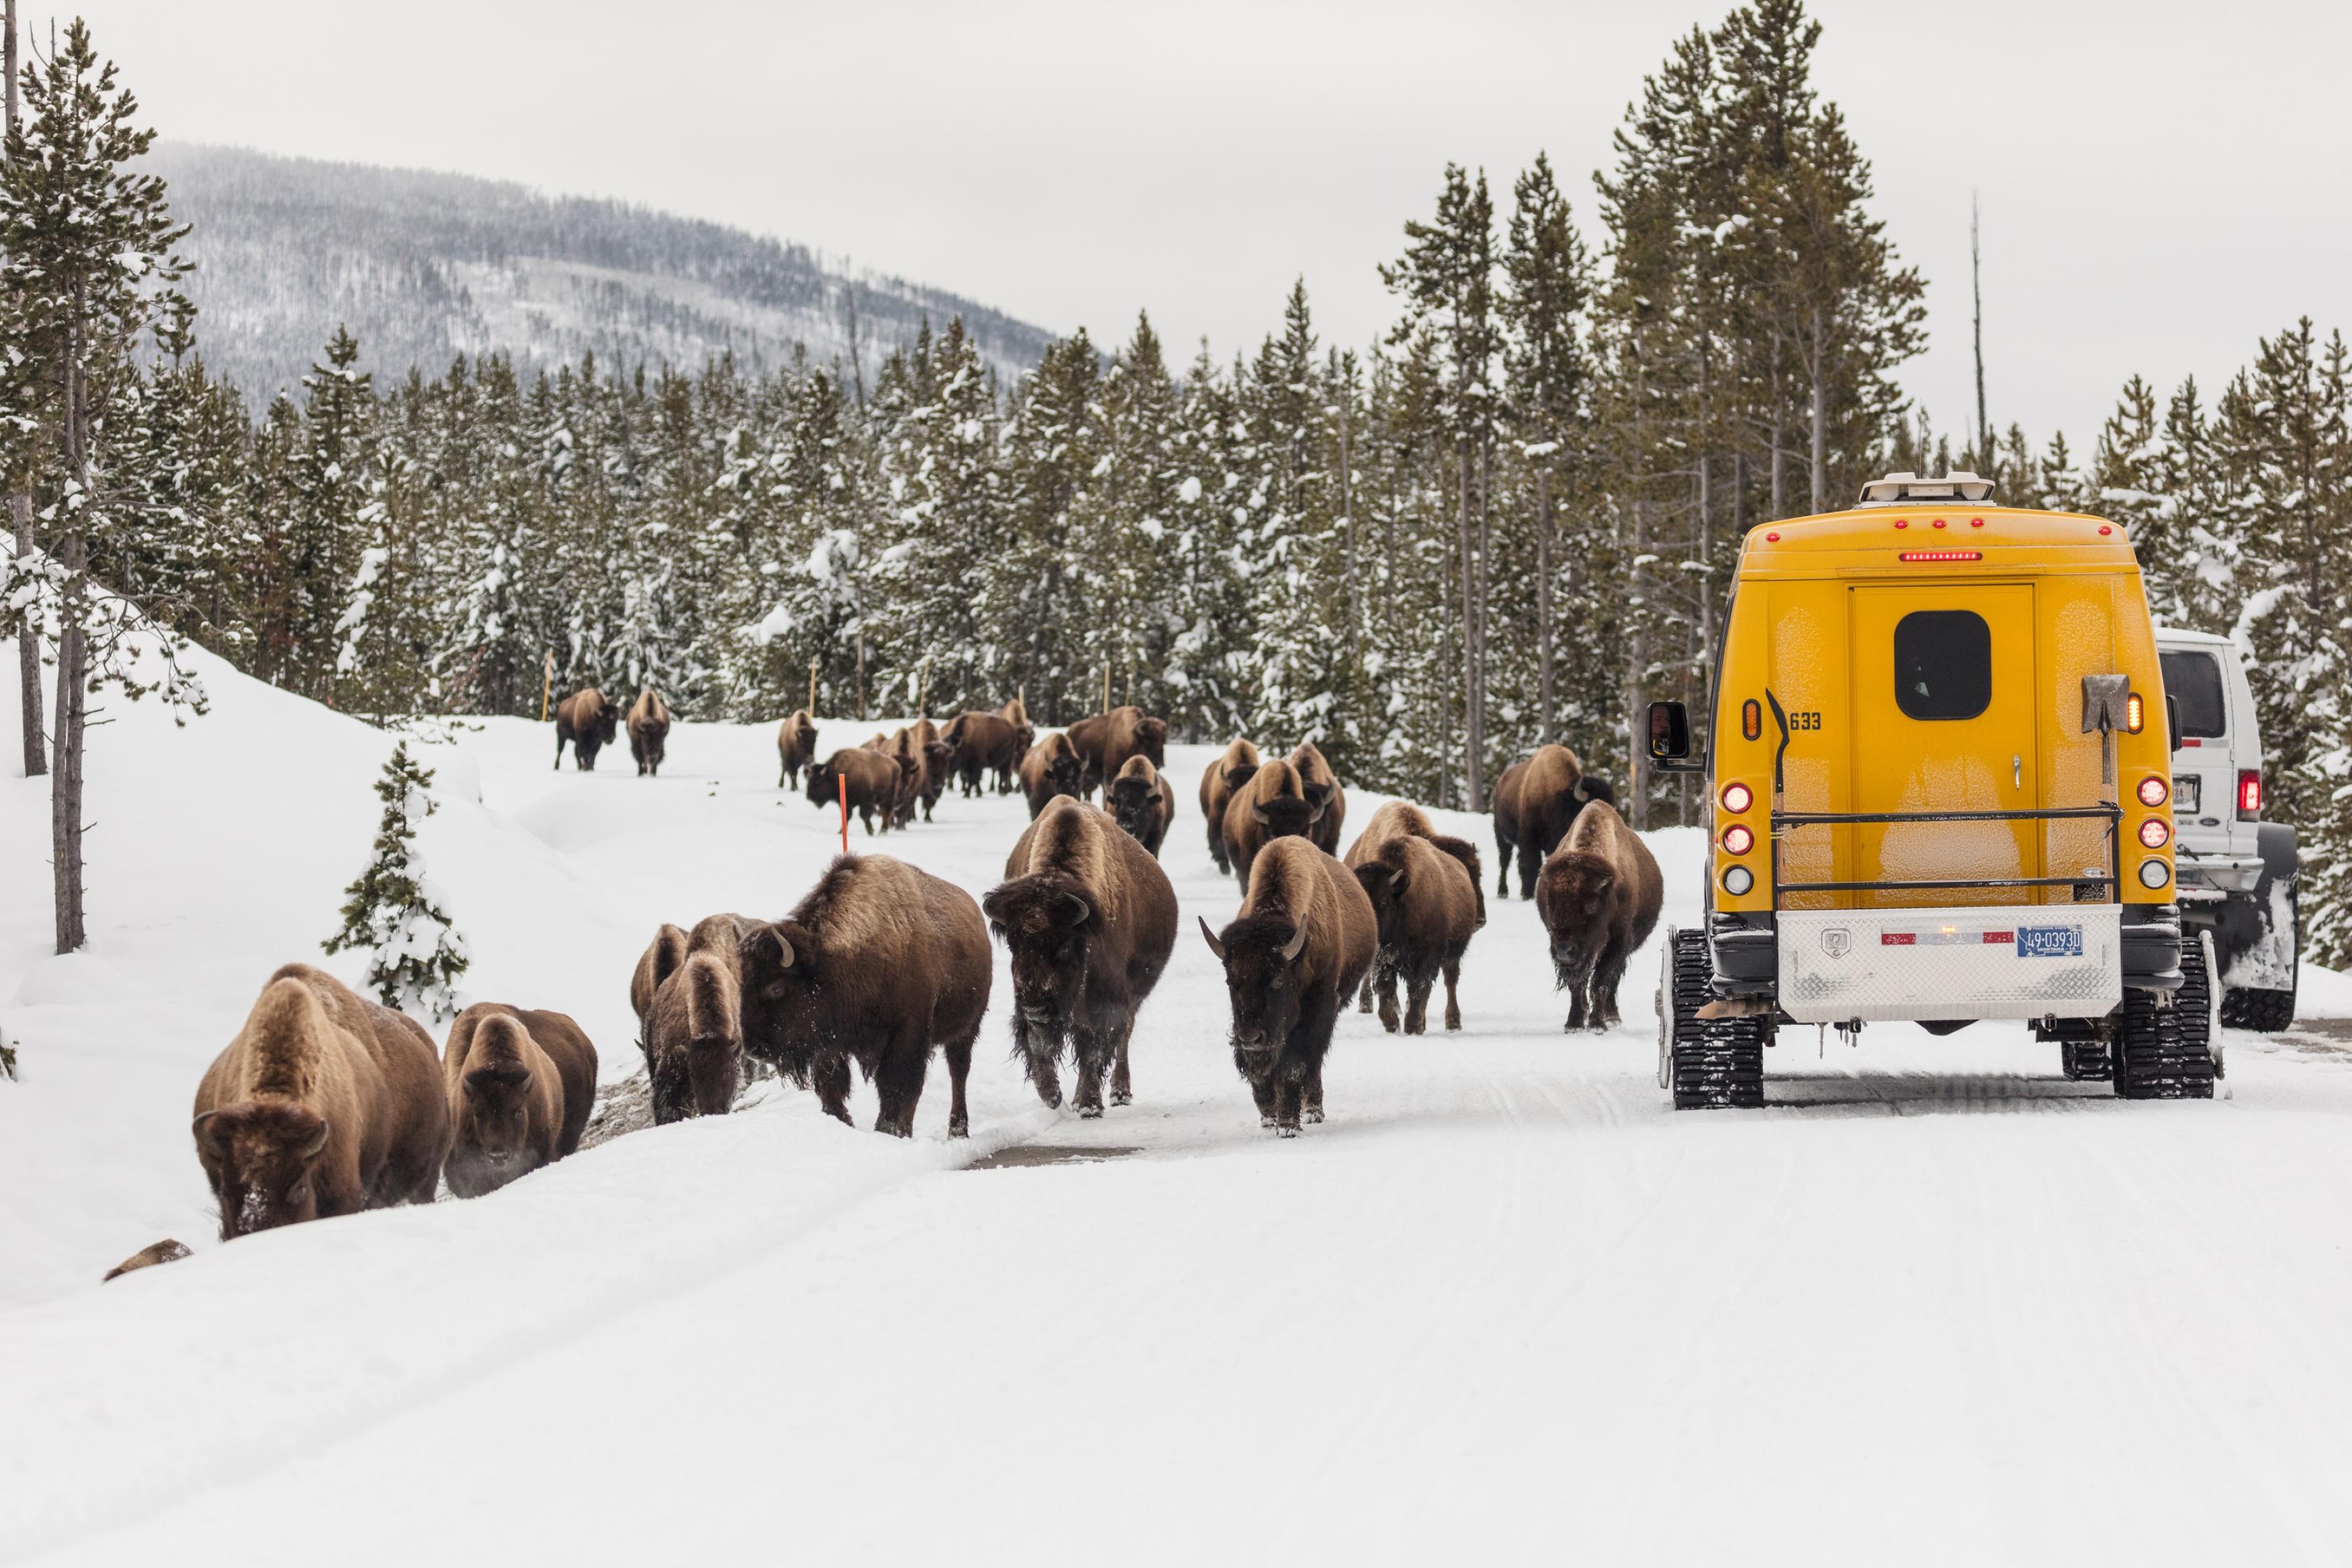 Una manada de bisontes y una moto de nieve amarilla que comparten la carretera nevada en el Parque Nacional de Yellowstone